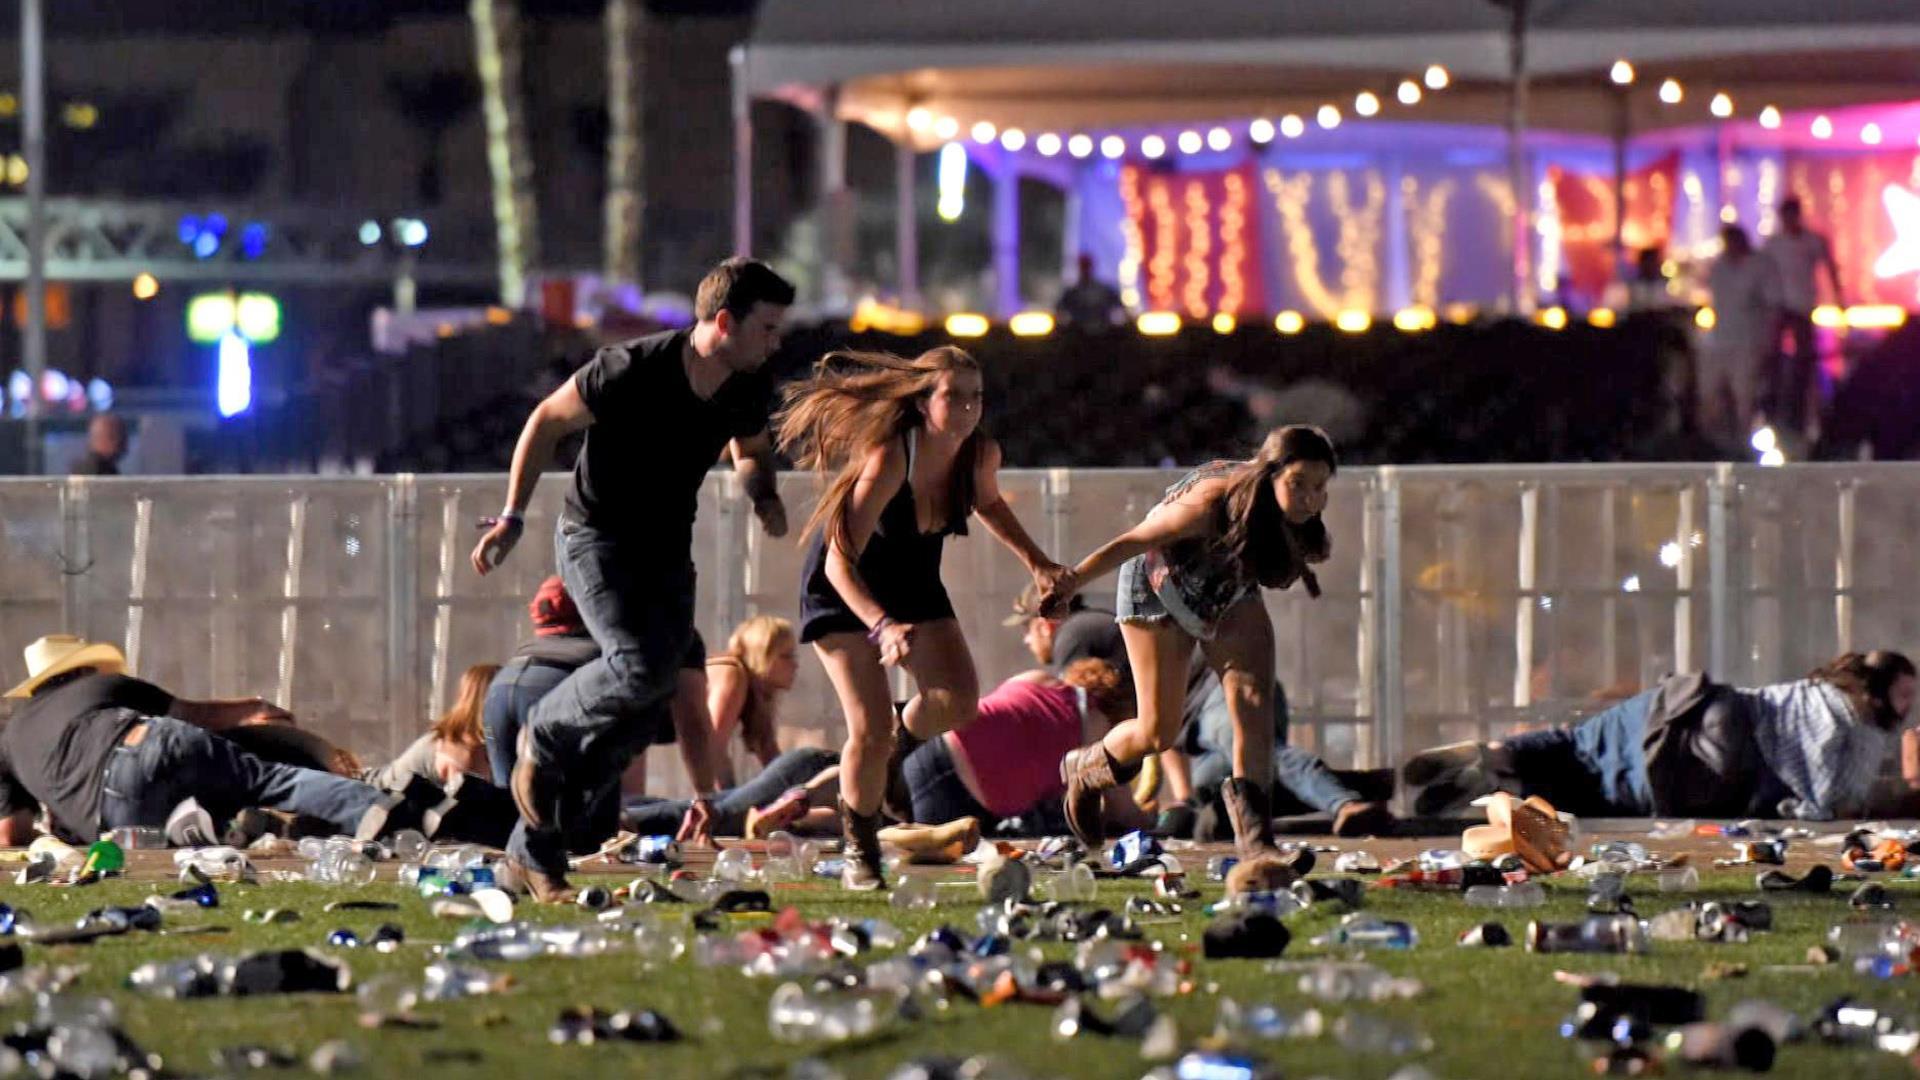 Las Vegas Shooting 59 Killed And More Than 500 Hurt Near Mandalay Bay